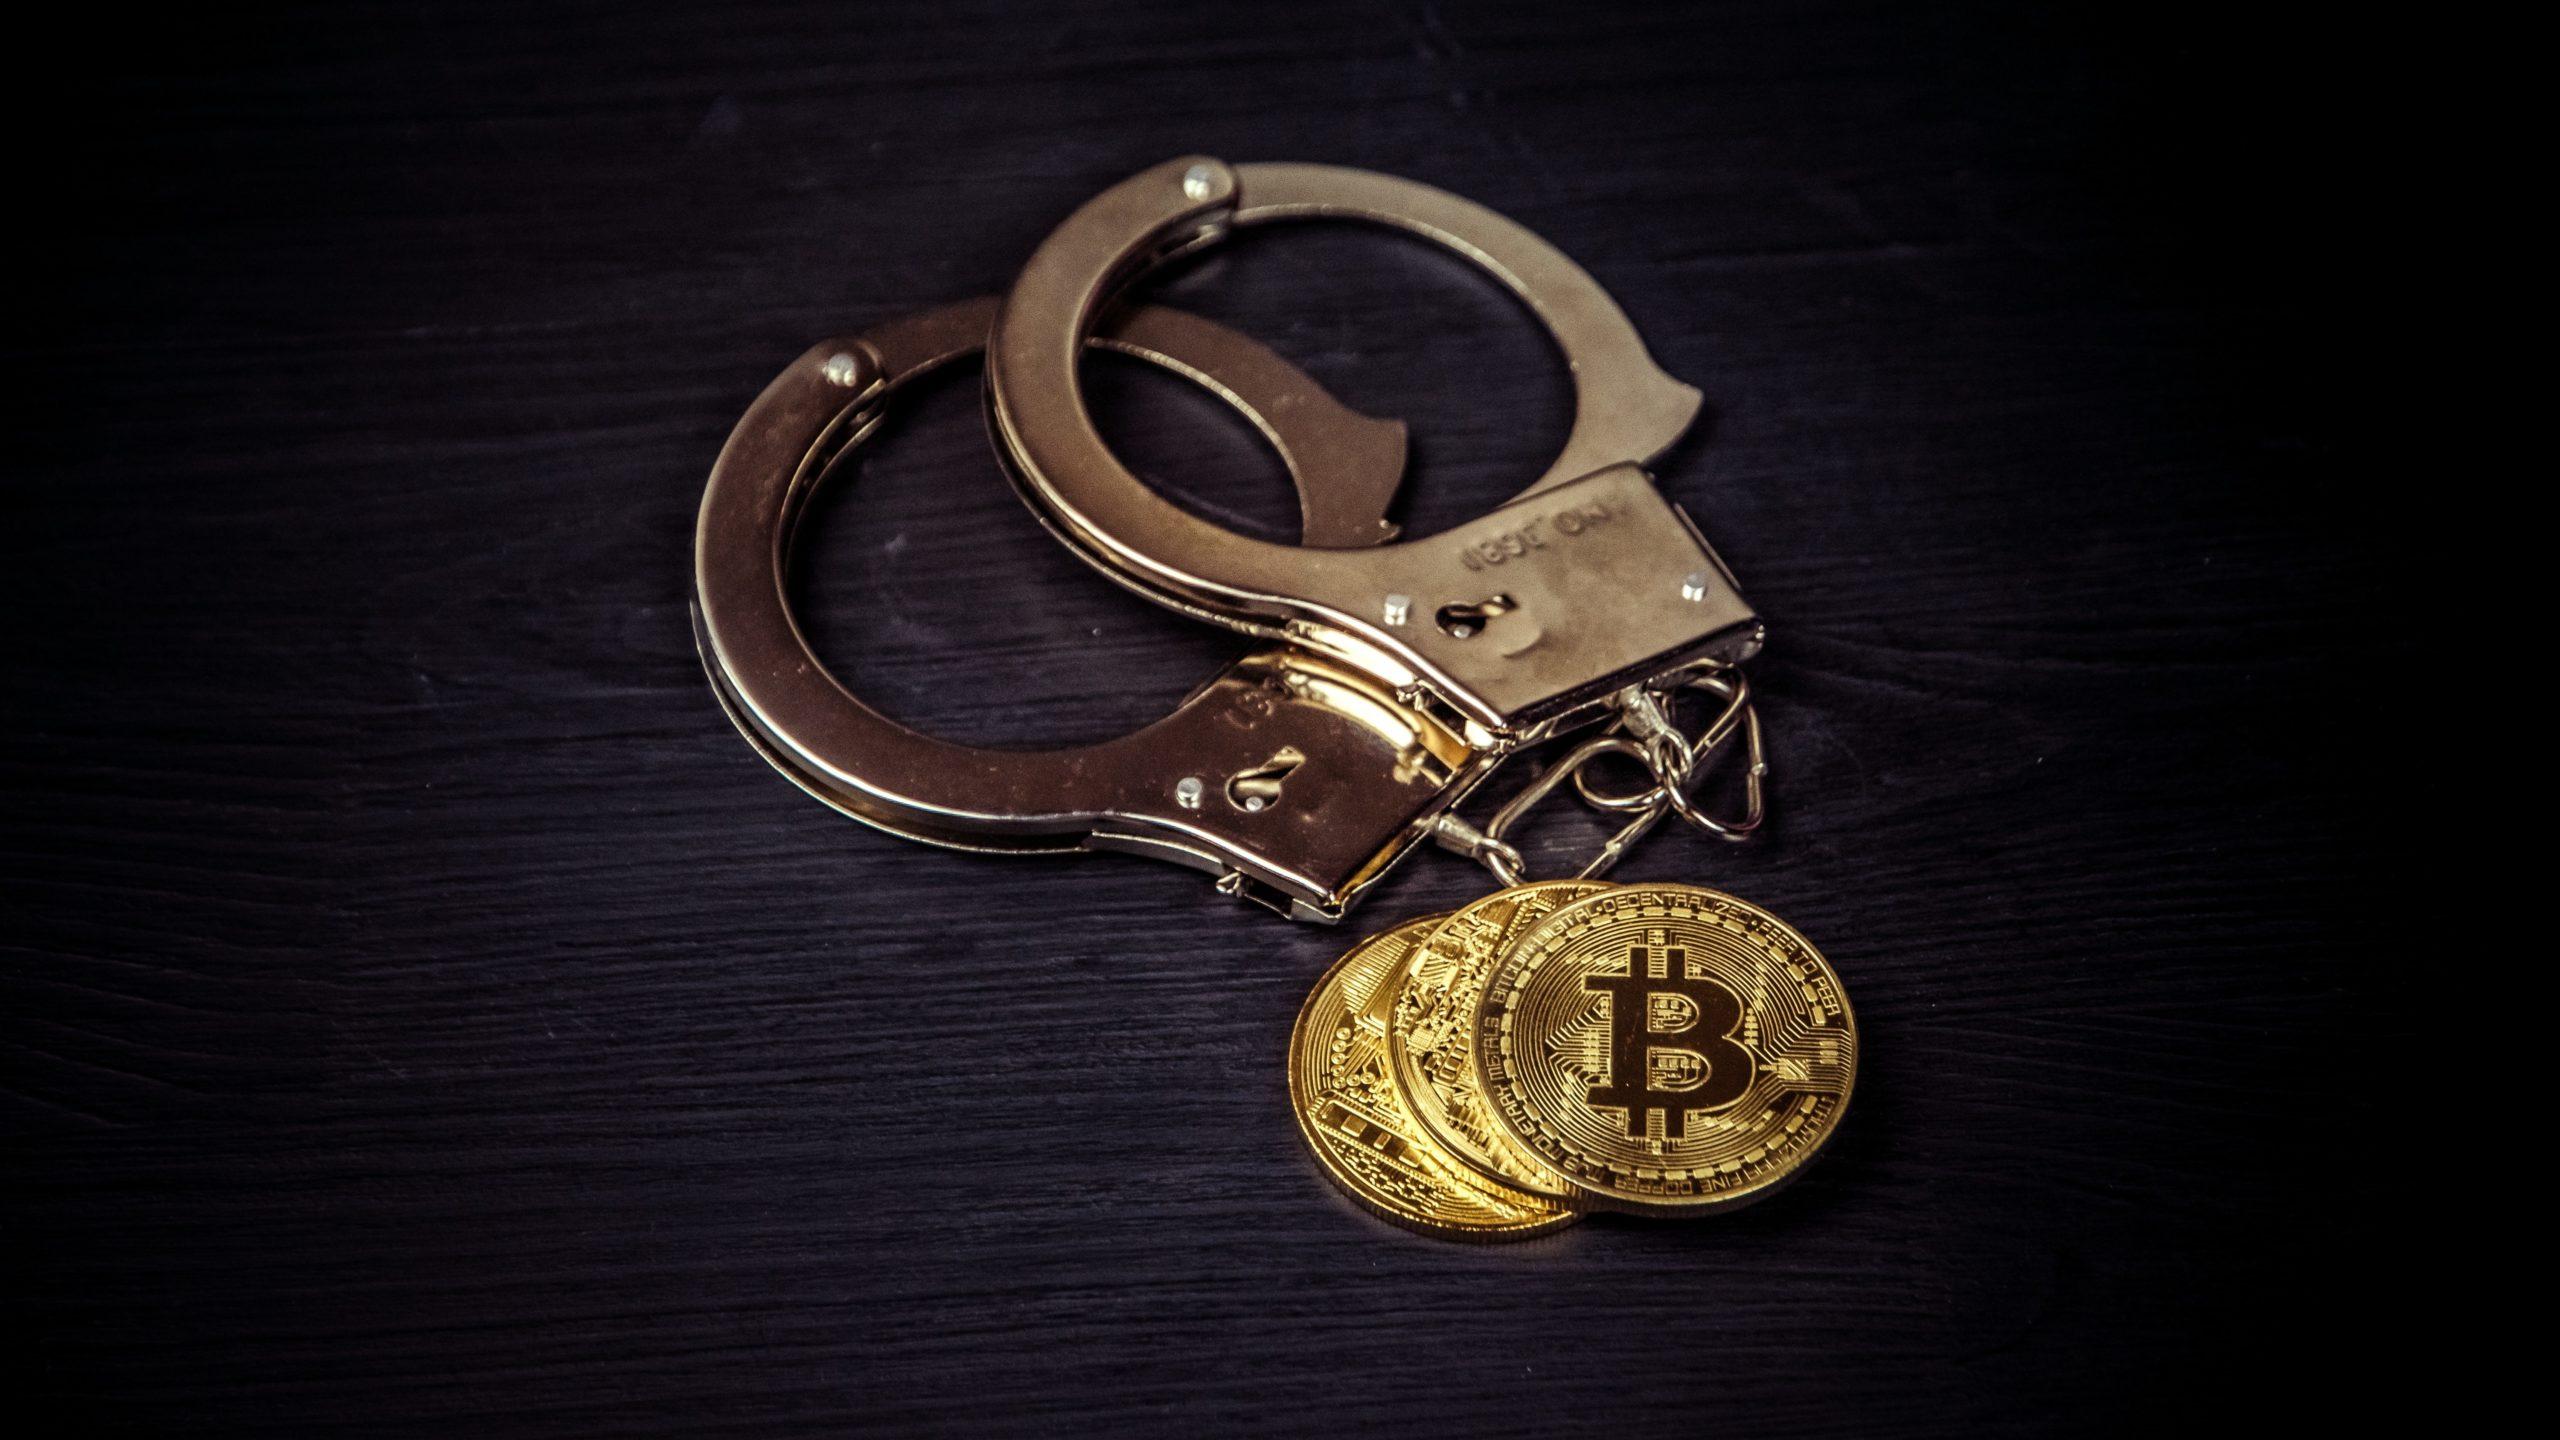 Homem é preso e admite ter  lavado US$ 300 milhões com bitcoin (Imagem:  Bermix Studio/ Unsplash)